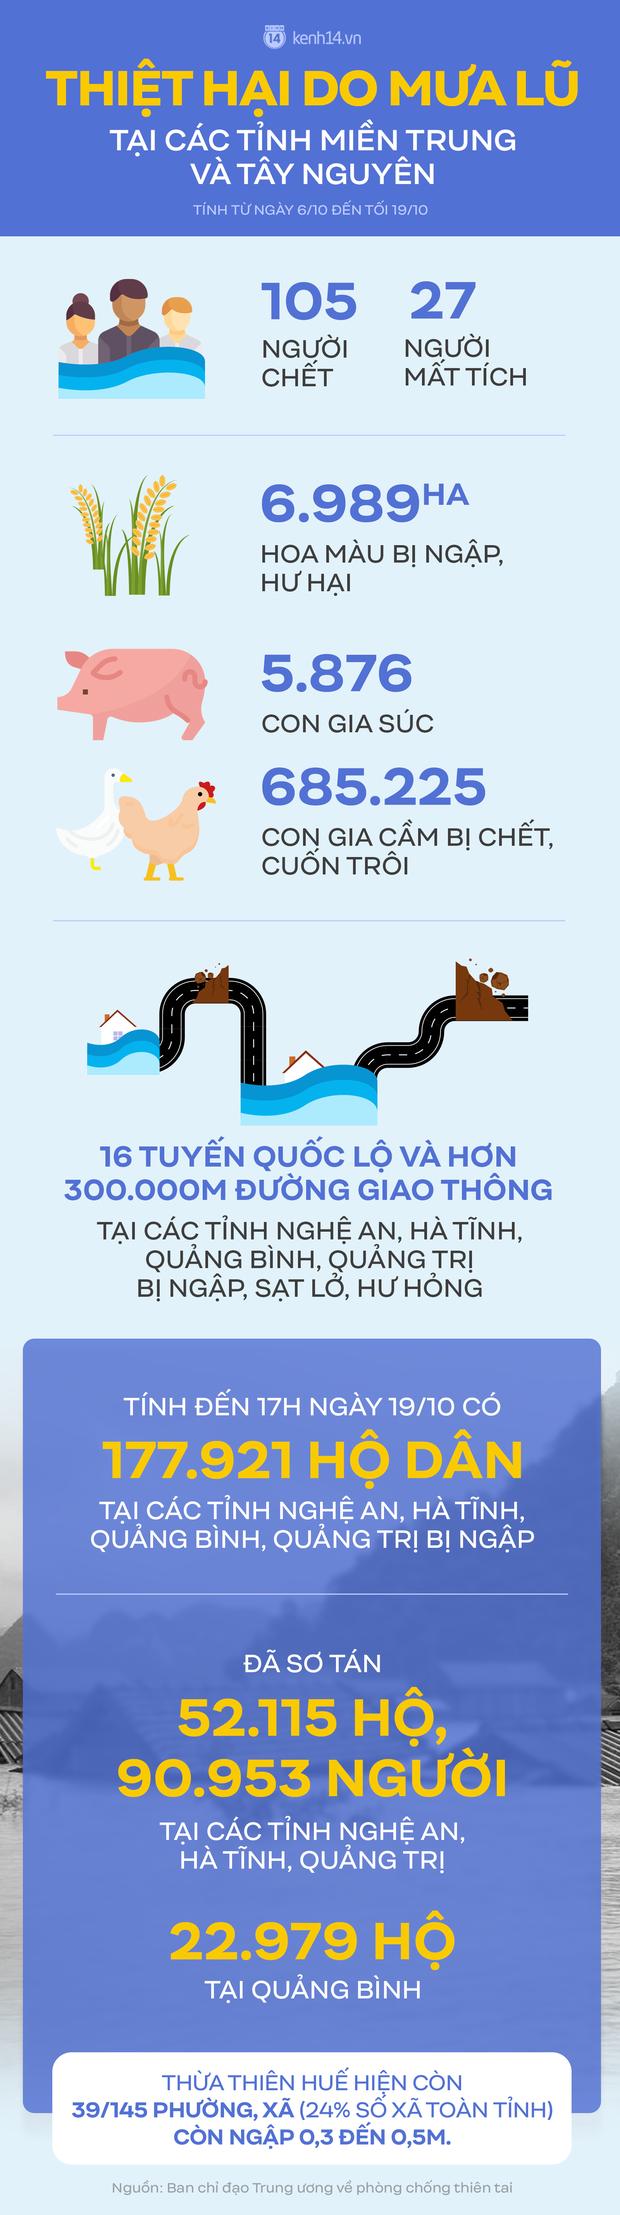 Infographic: 105 người chết, 27 người mất tích và những thiệt hại nặng nề do mưa lũ tại các tỉnh miền Trung và Tây Nguyên - Ảnh 1.